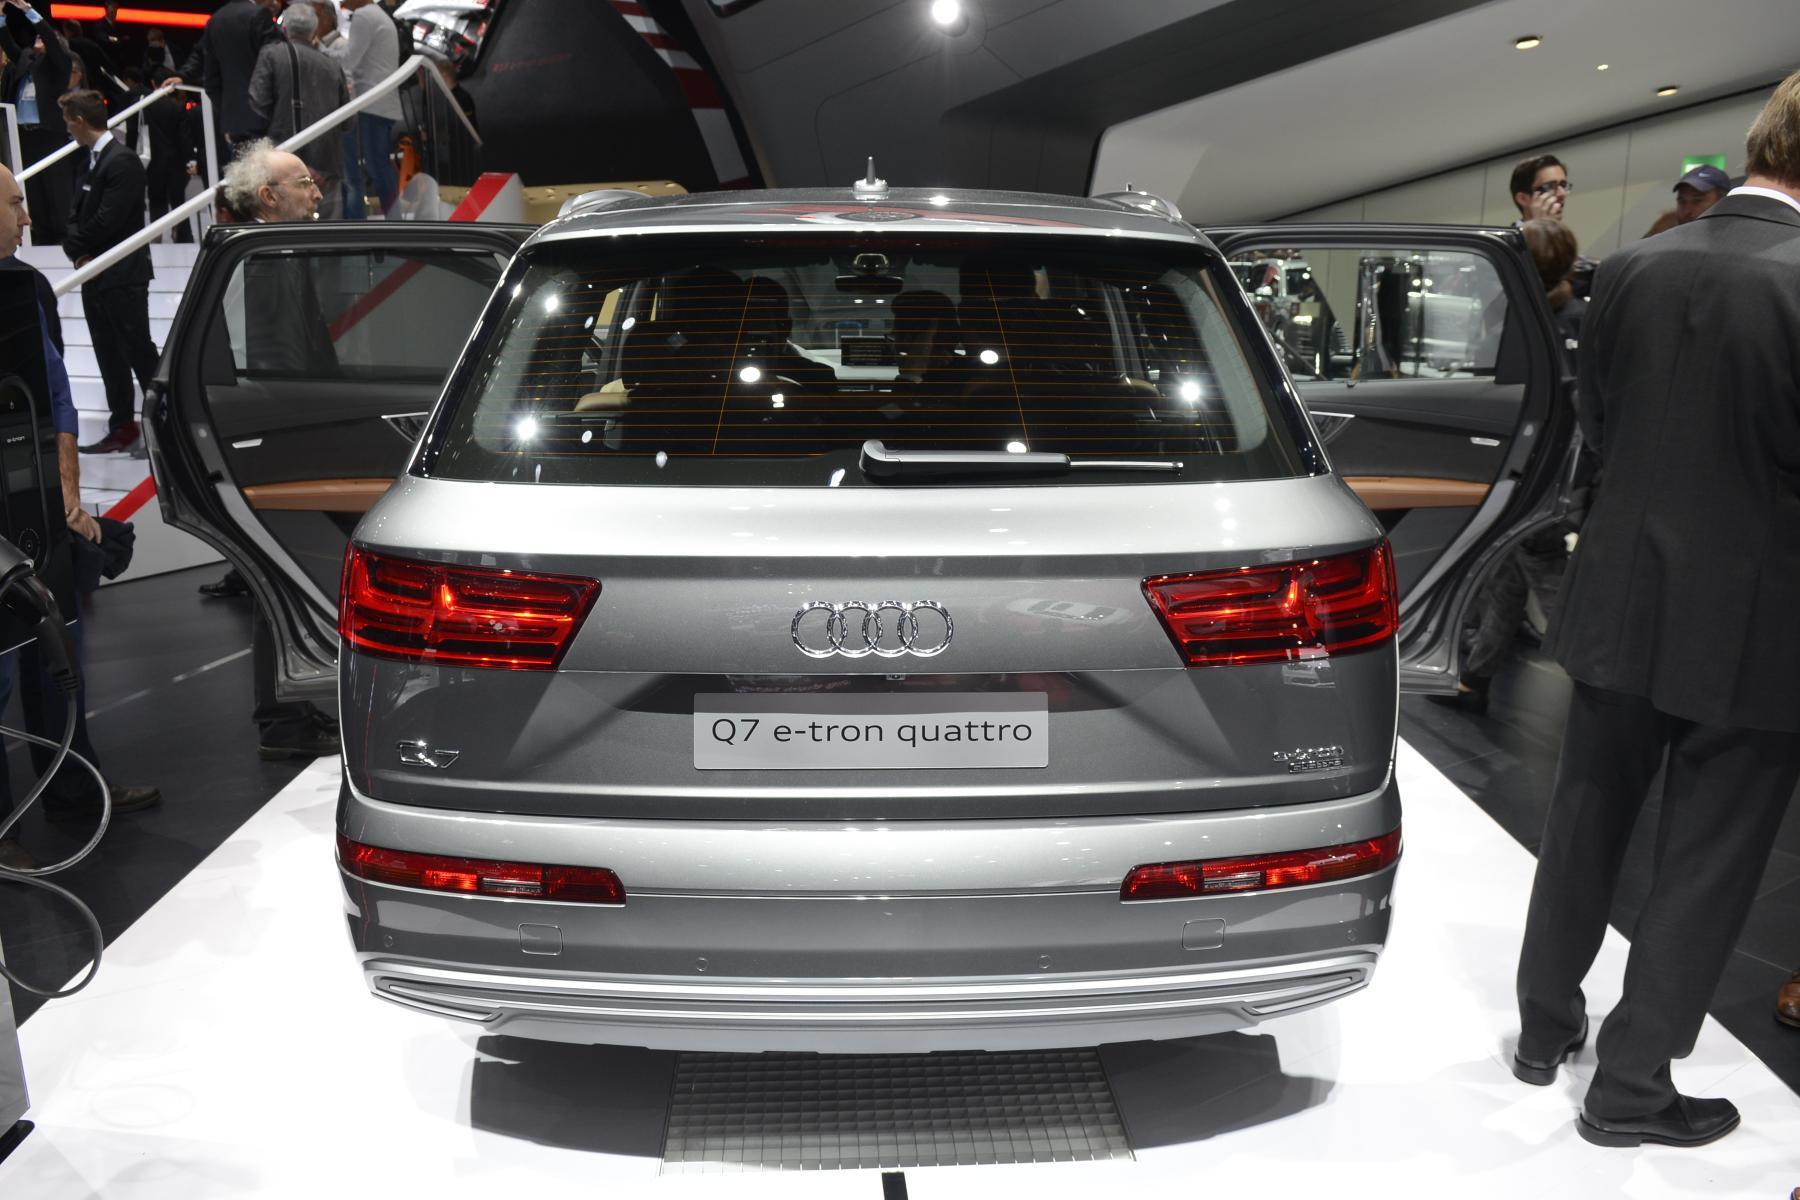 Audi Q7 e-tron quattro (rear)